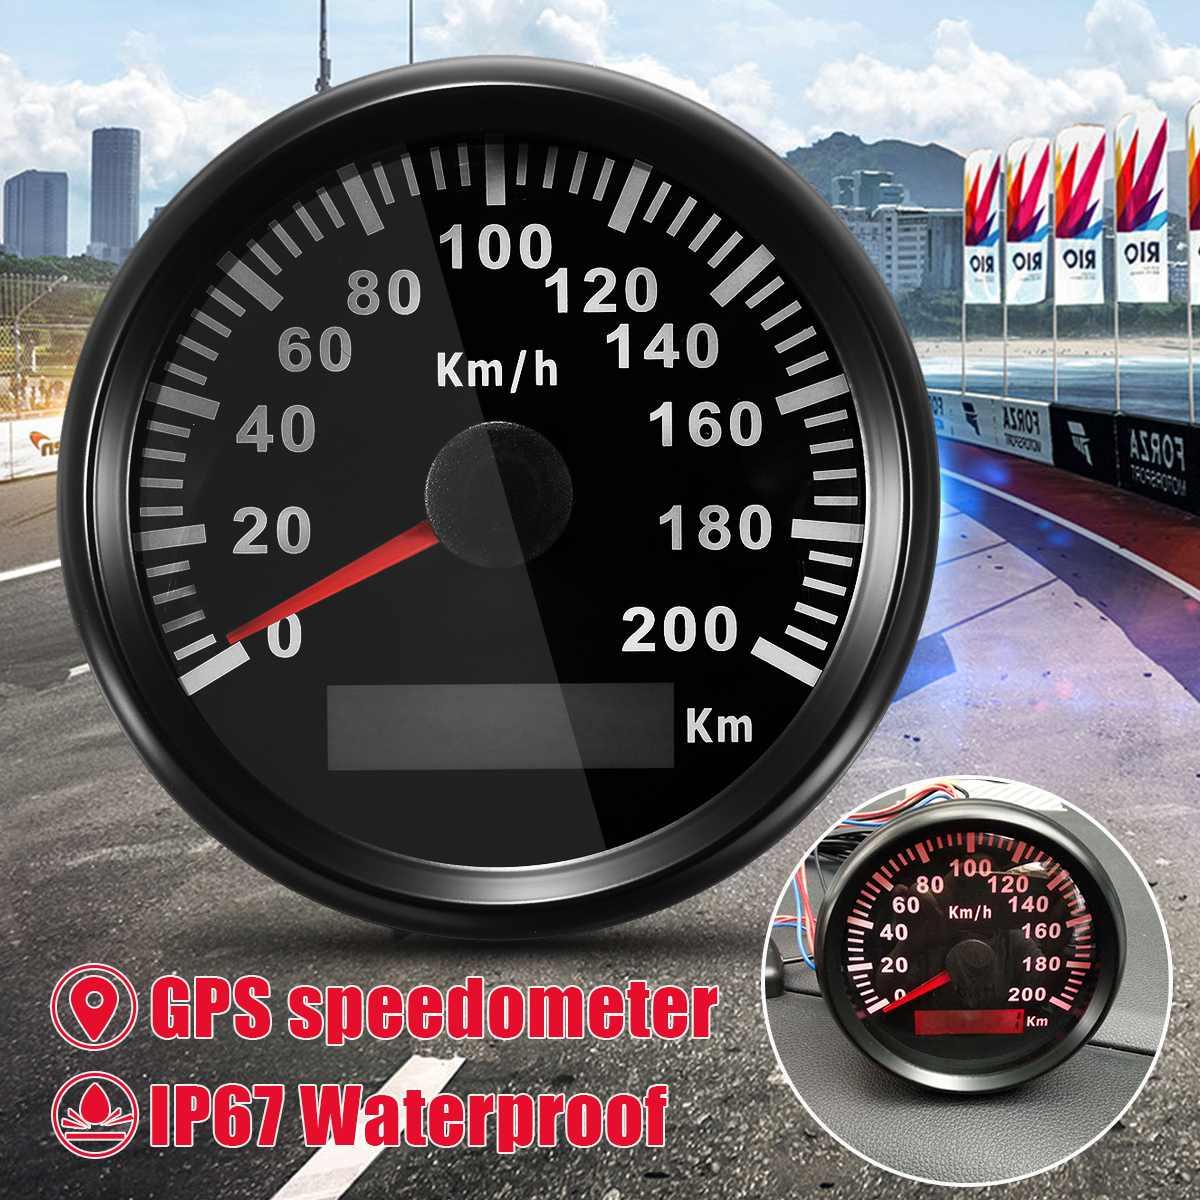 Imperméabilisation numérique affichage jauges 85mm GPS compteur de vitesse en acier inoxydable 200 km/h moto vélo voiture camion moteur Auto avec rétro-éclairage